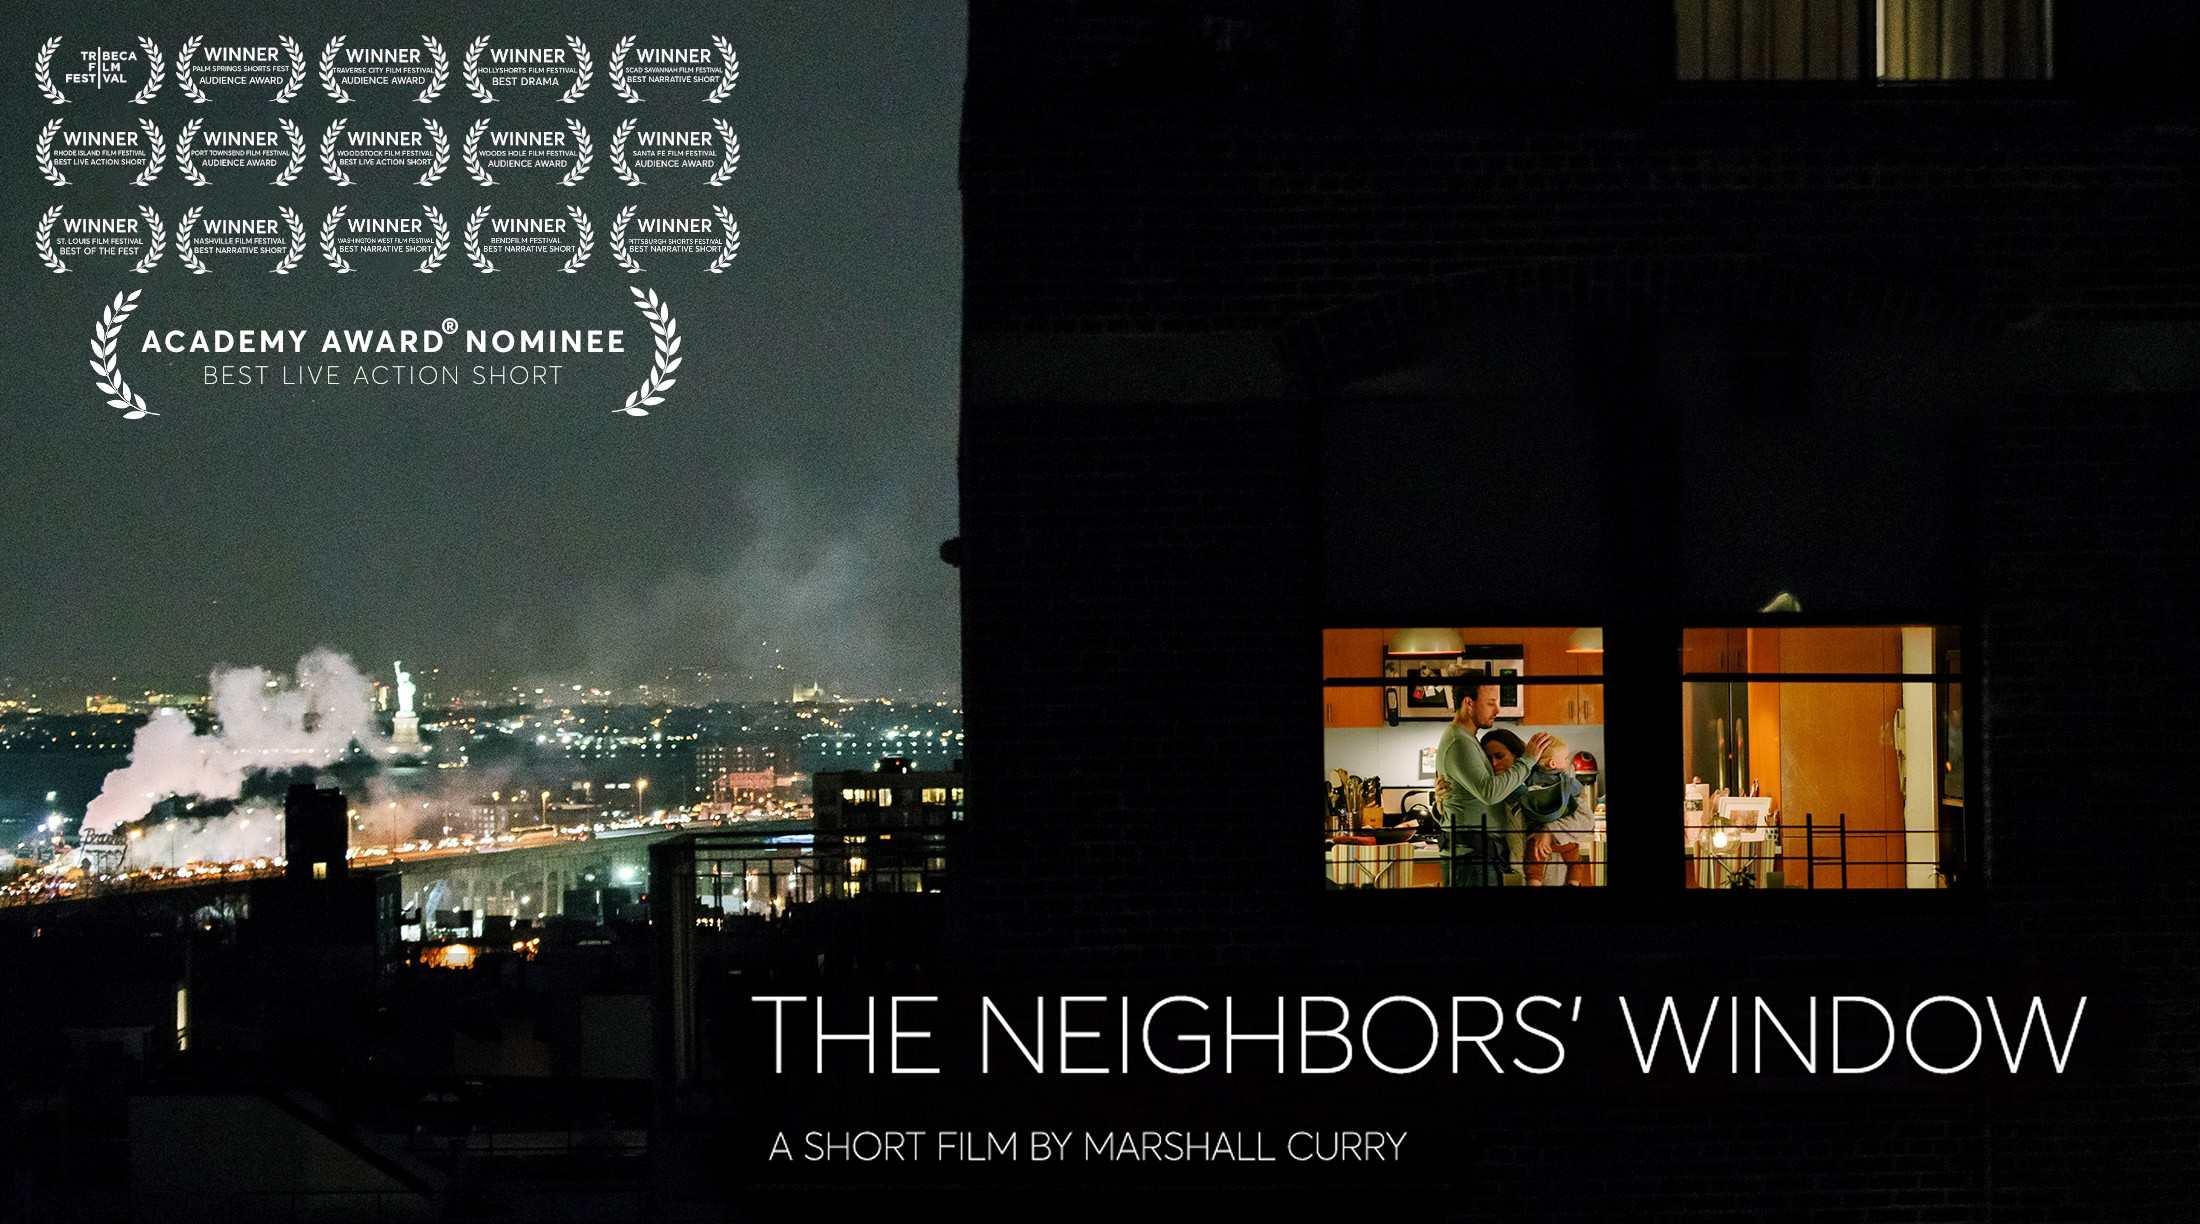 奥斯卡最佳真人短片《邻居的窗》